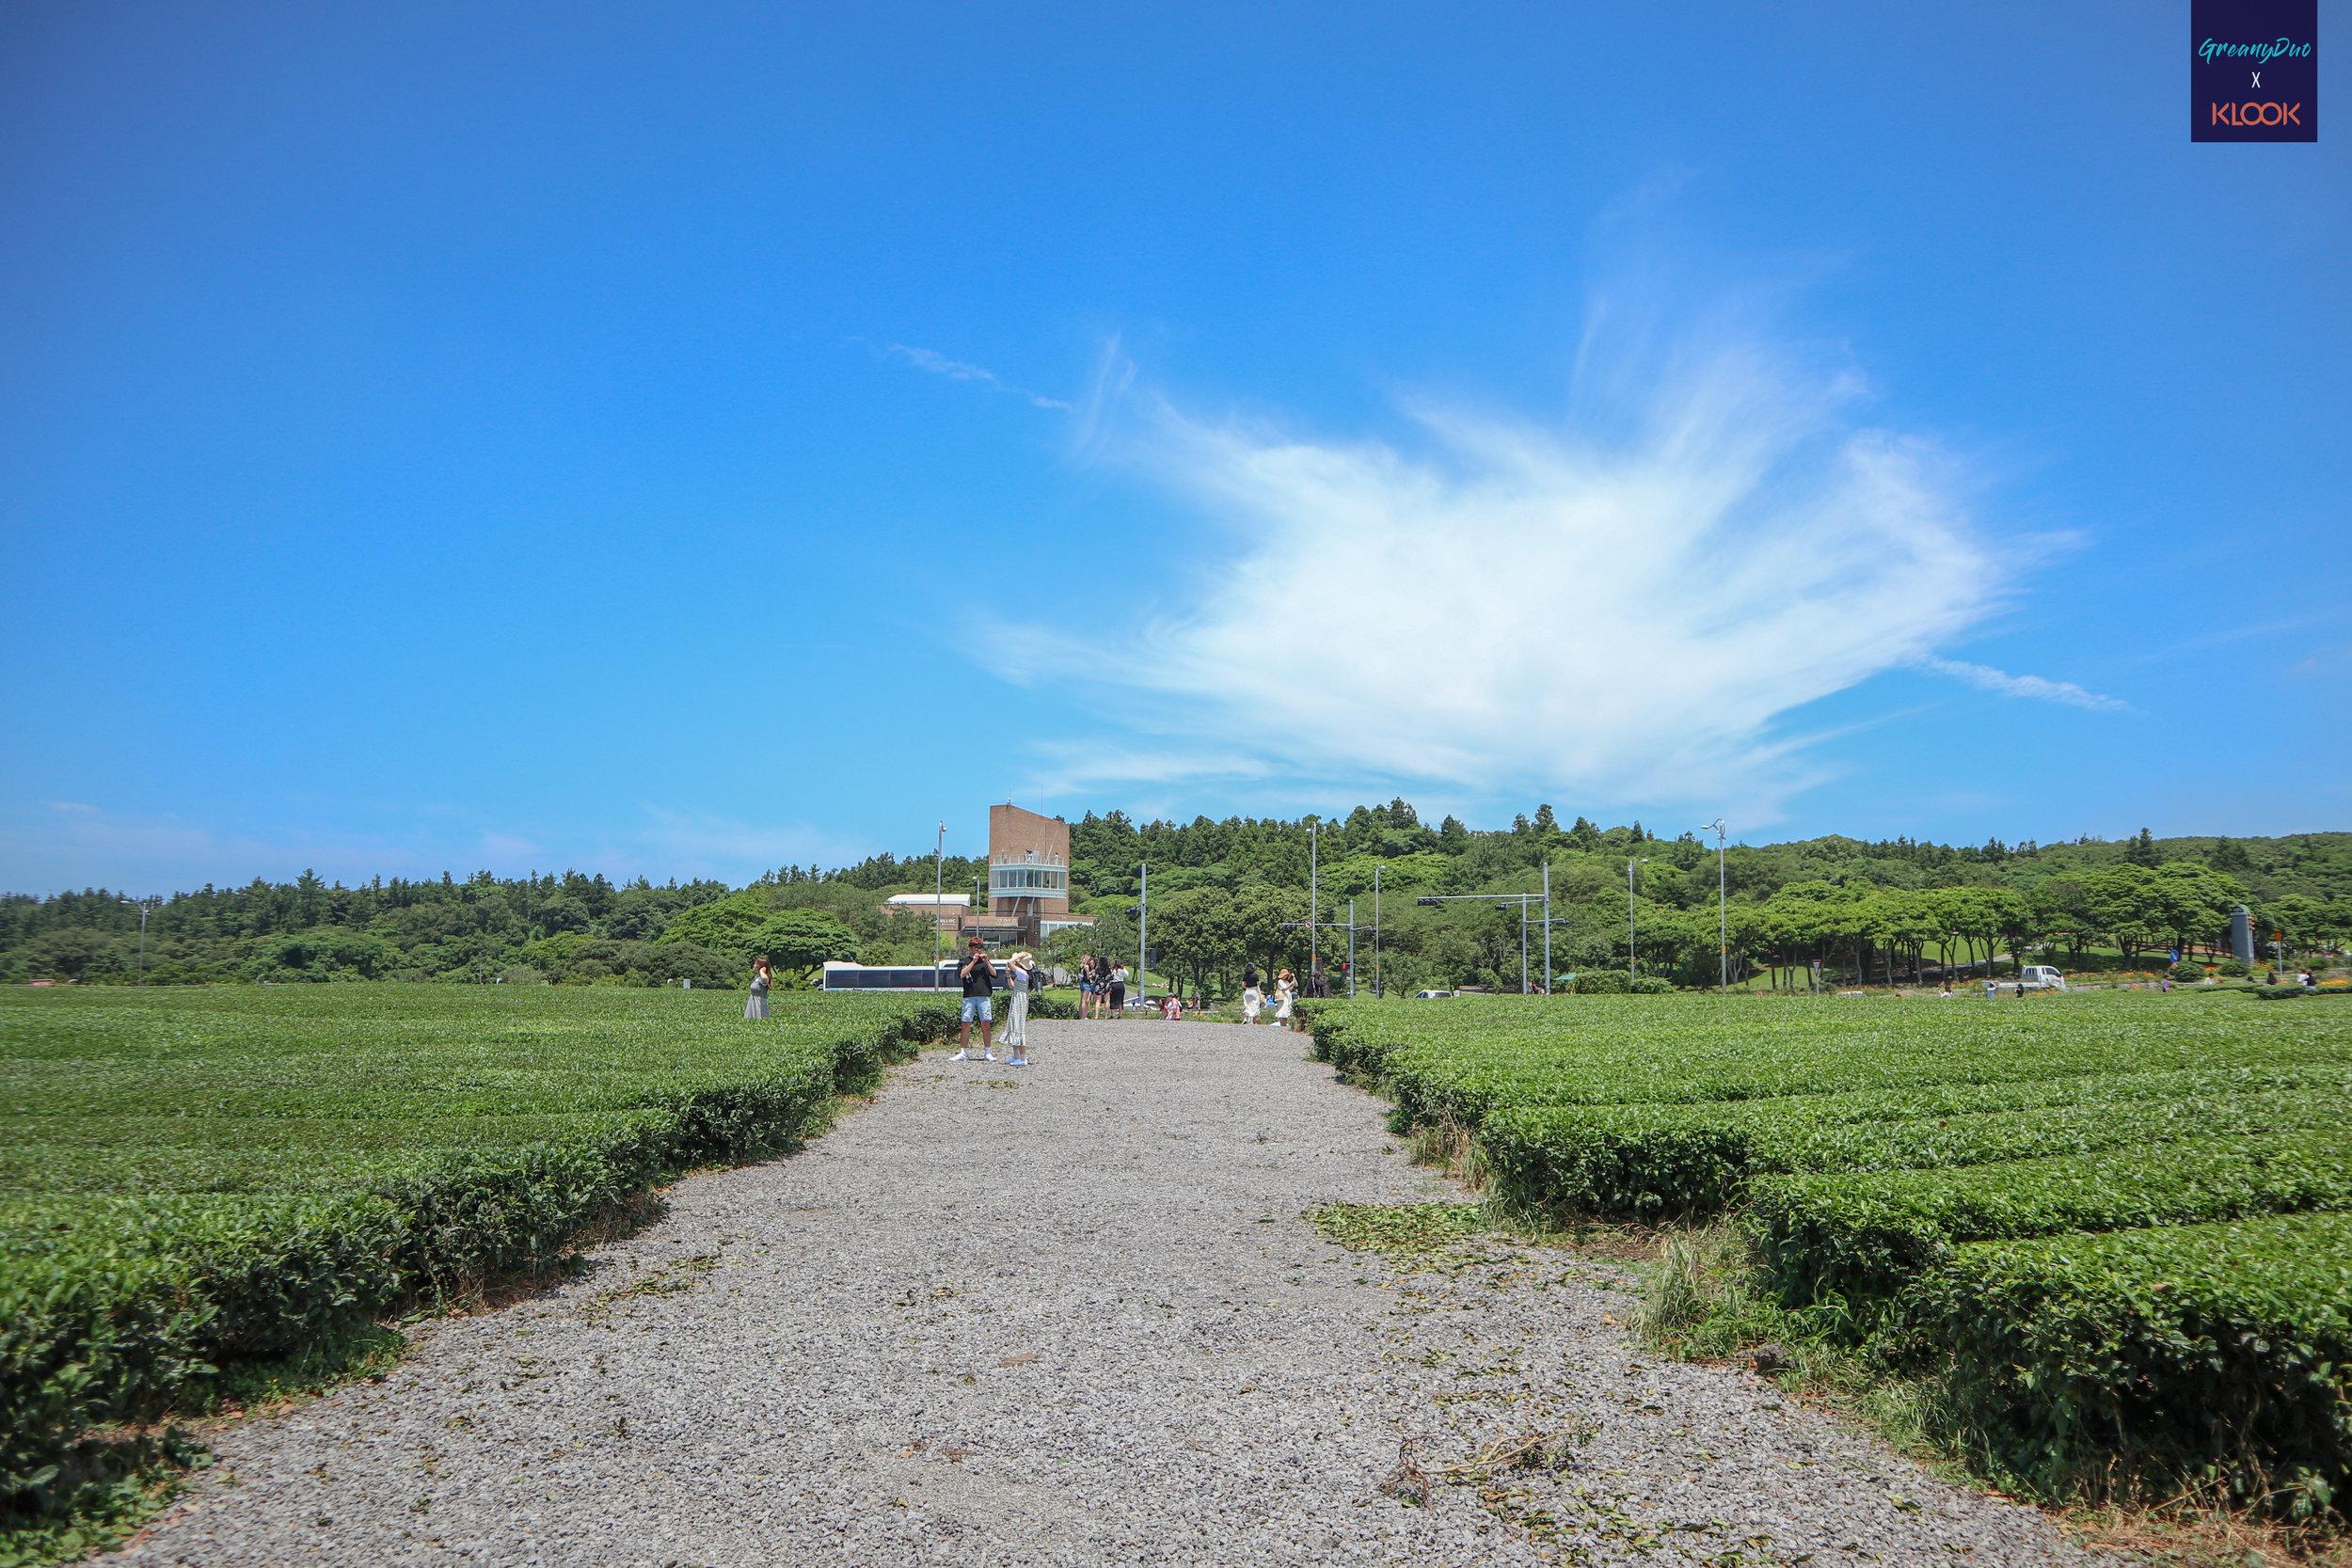 ไร่ชาเขียว O'Sulloc เกาะเชจู